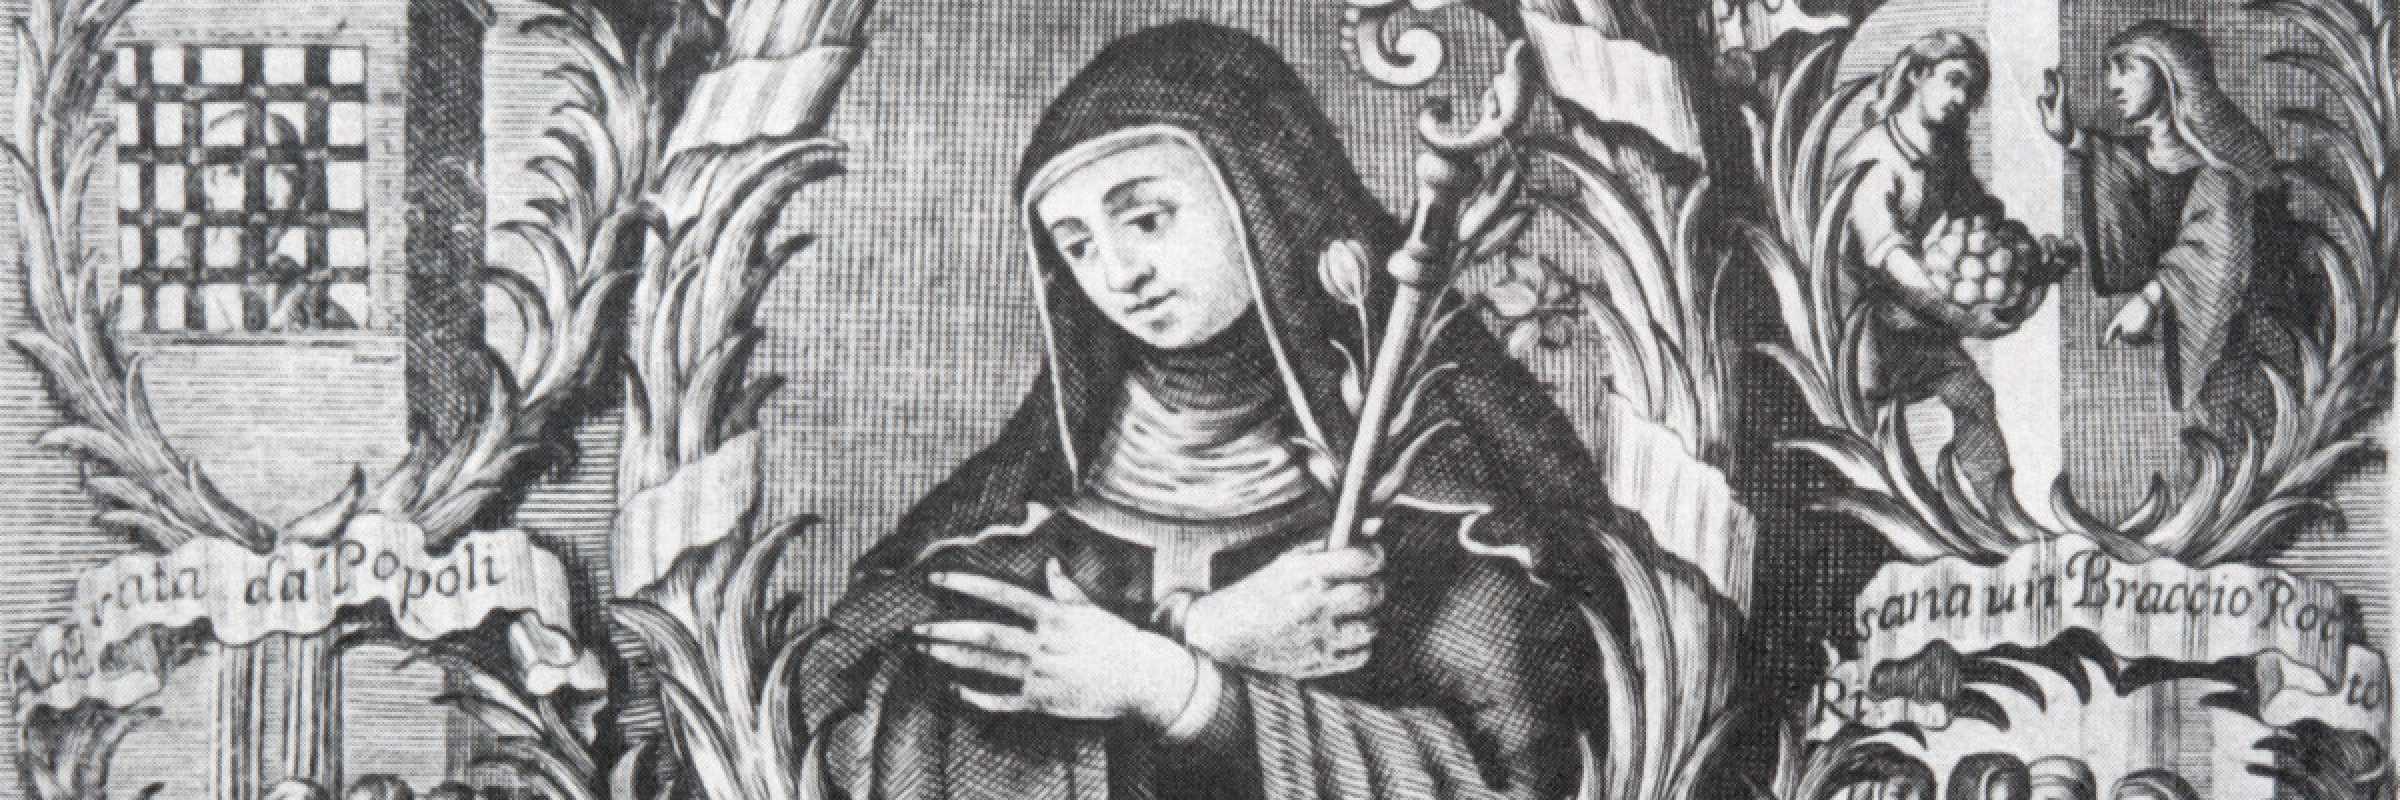 Incisione in rame della Beata Giuliana, contessa di Collalto, via Wikimedia Commons